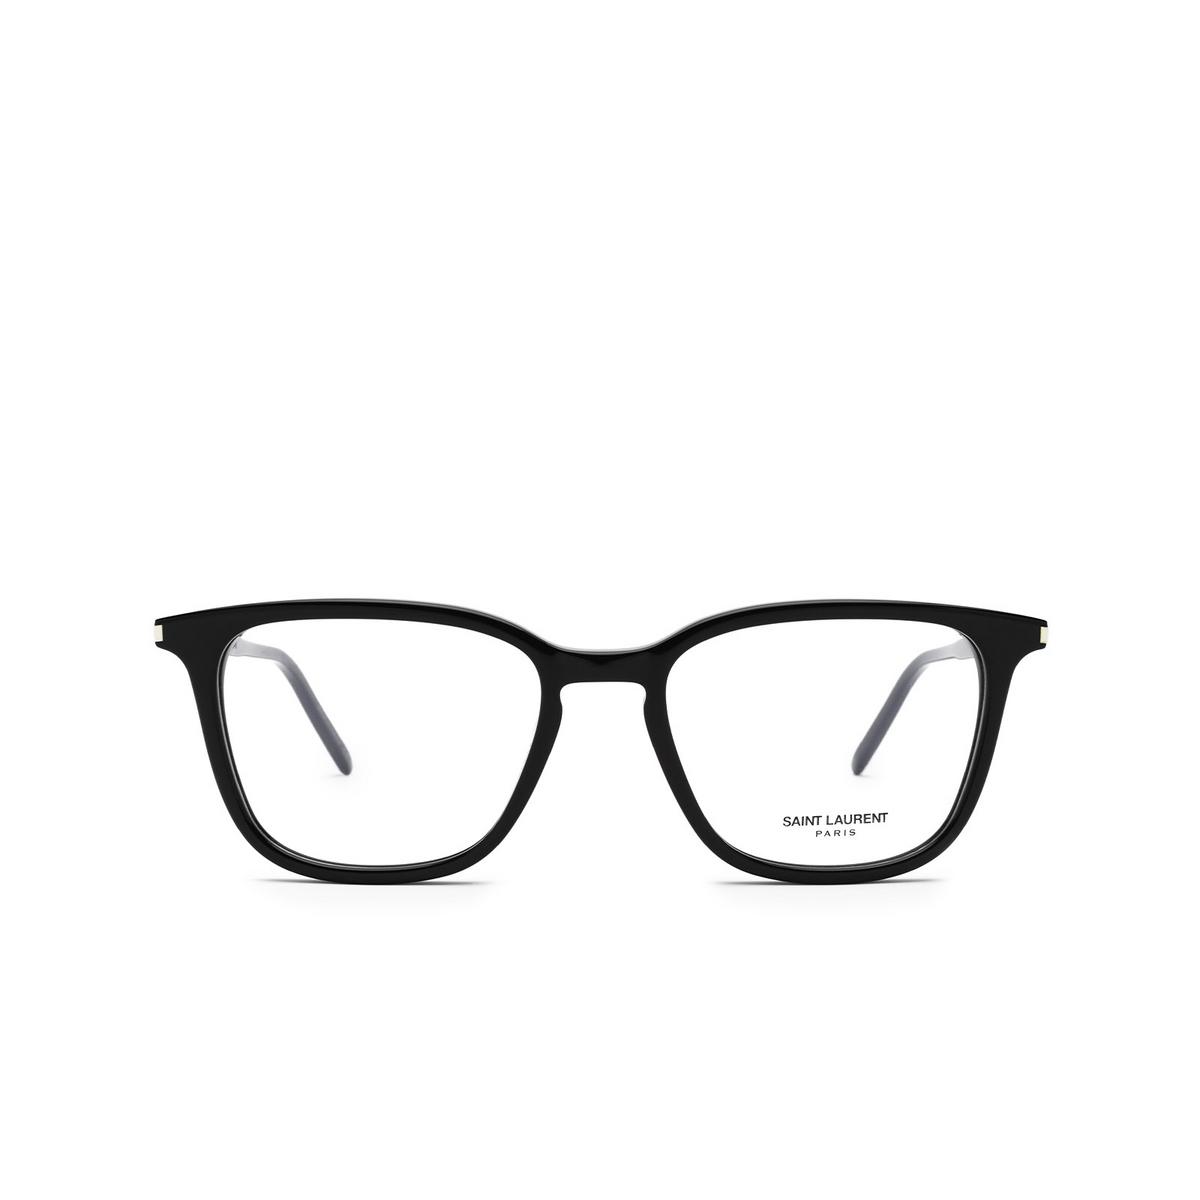 Saint Laurent® Square Eyeglasses: SL 479 color Black 001 - front view.